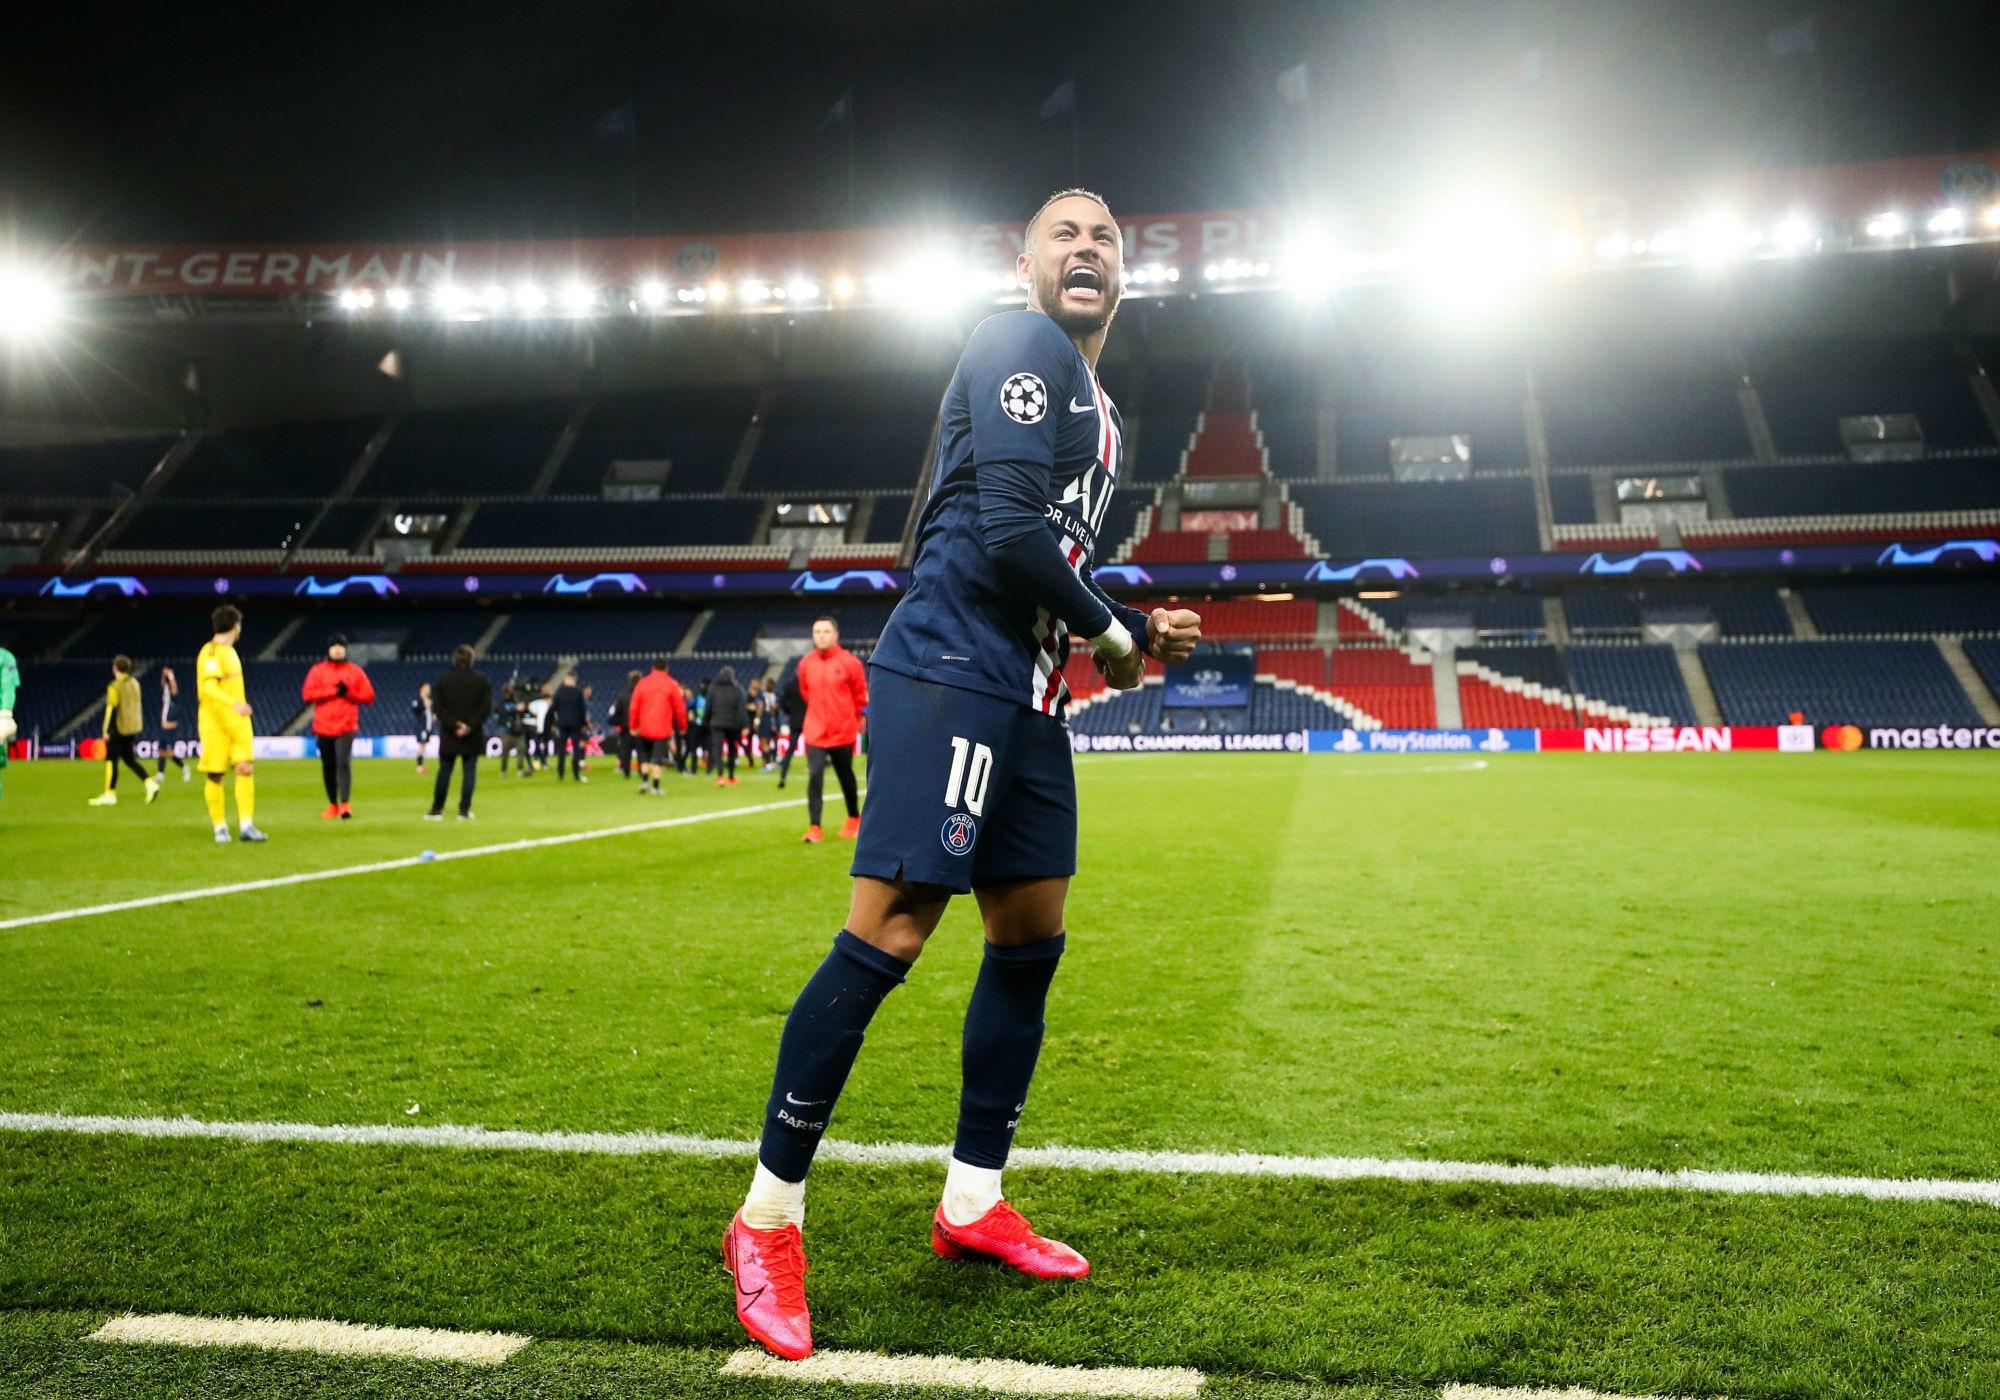 Mercato - Le Barça ne peut pas espérer le retour de Neymar cet été, explique Le Parisien